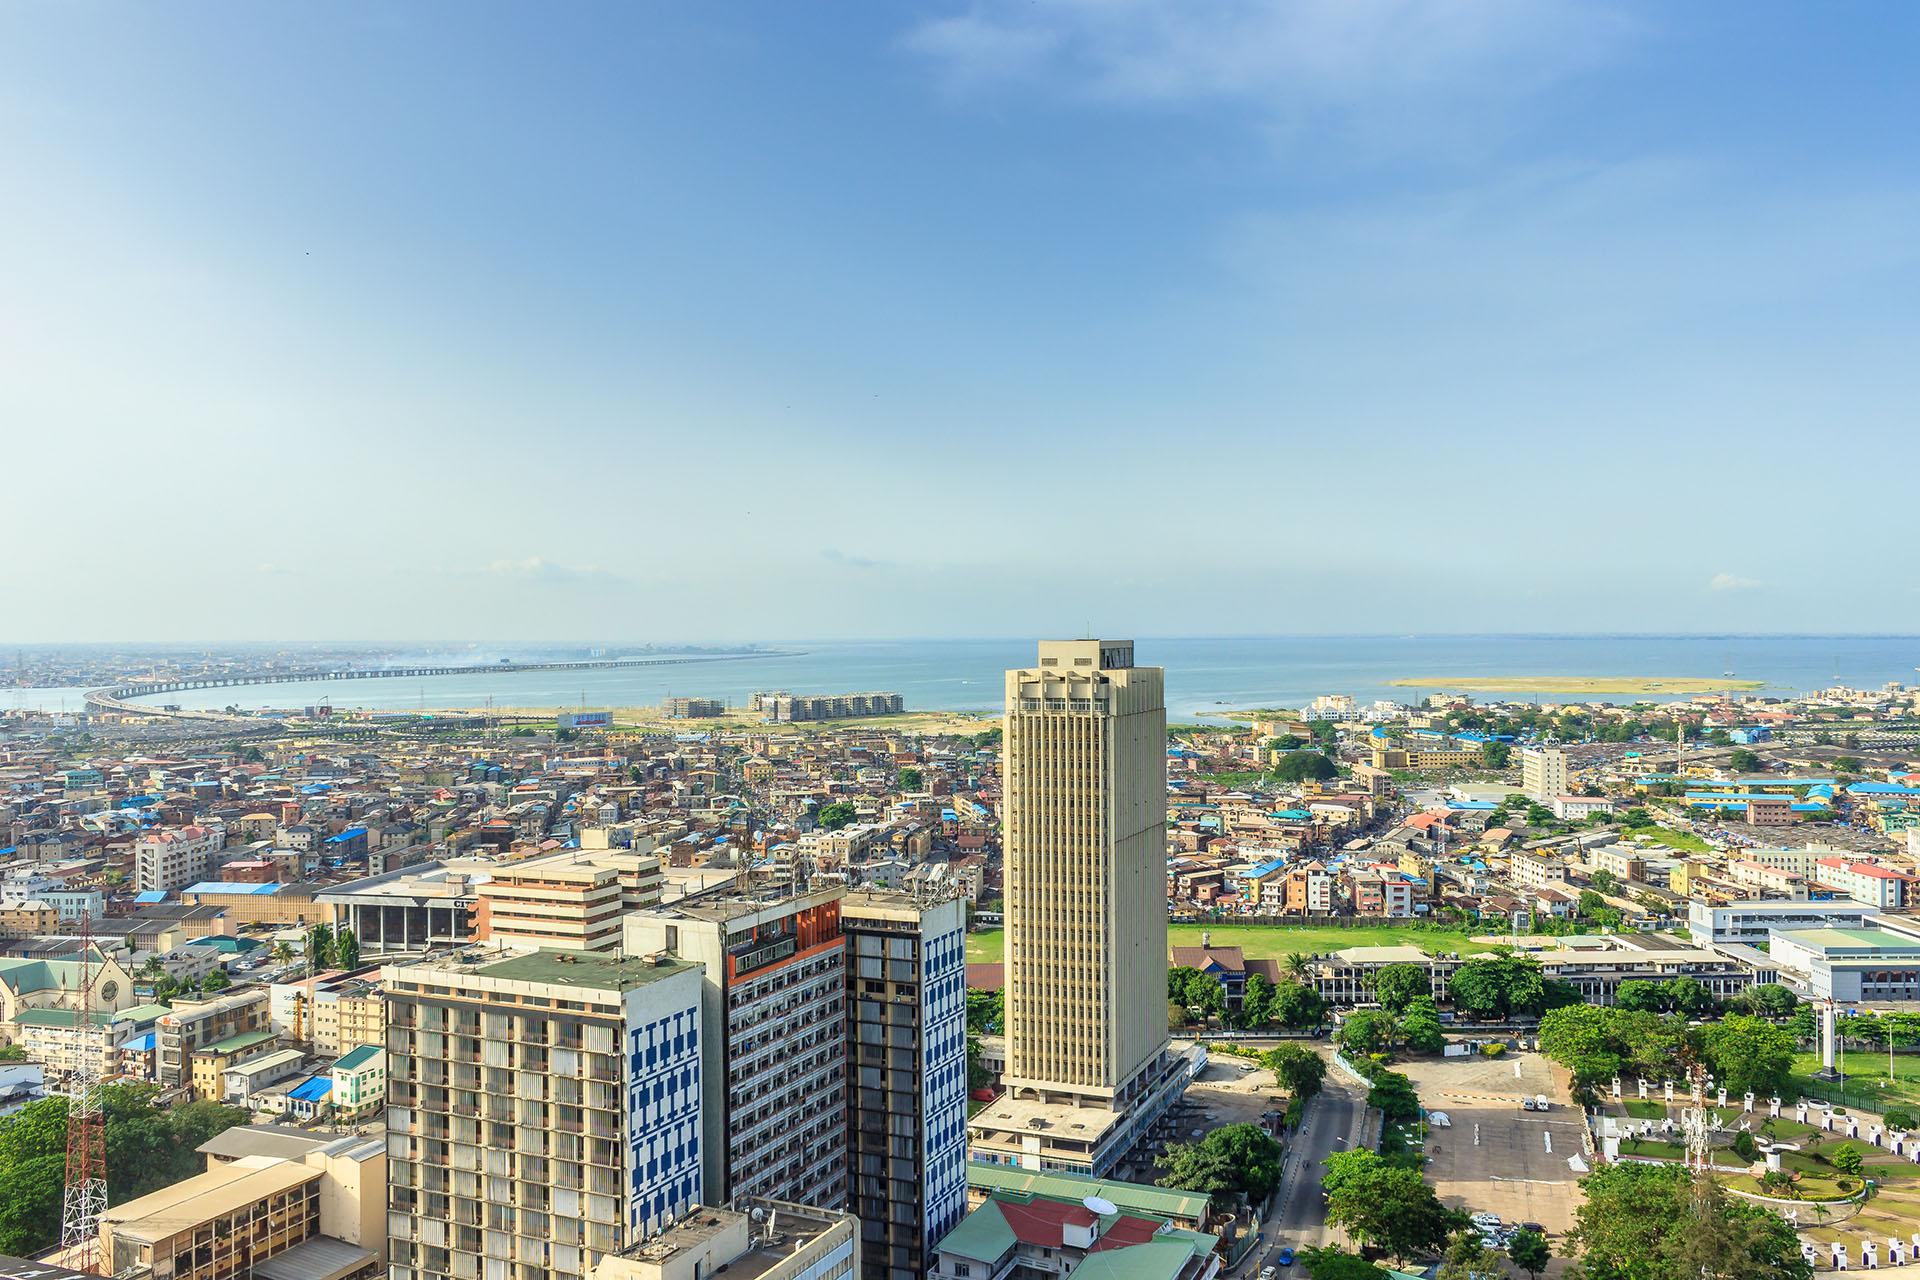 Lagos es la ciudad más grande e imponente de Nigeria. Ocupa un lugar dentro de las ciudad que son menos habitables debido a un conjunto de factores como la inseguridad, infraestructura y conflictos en la zona que suelen ser comunes